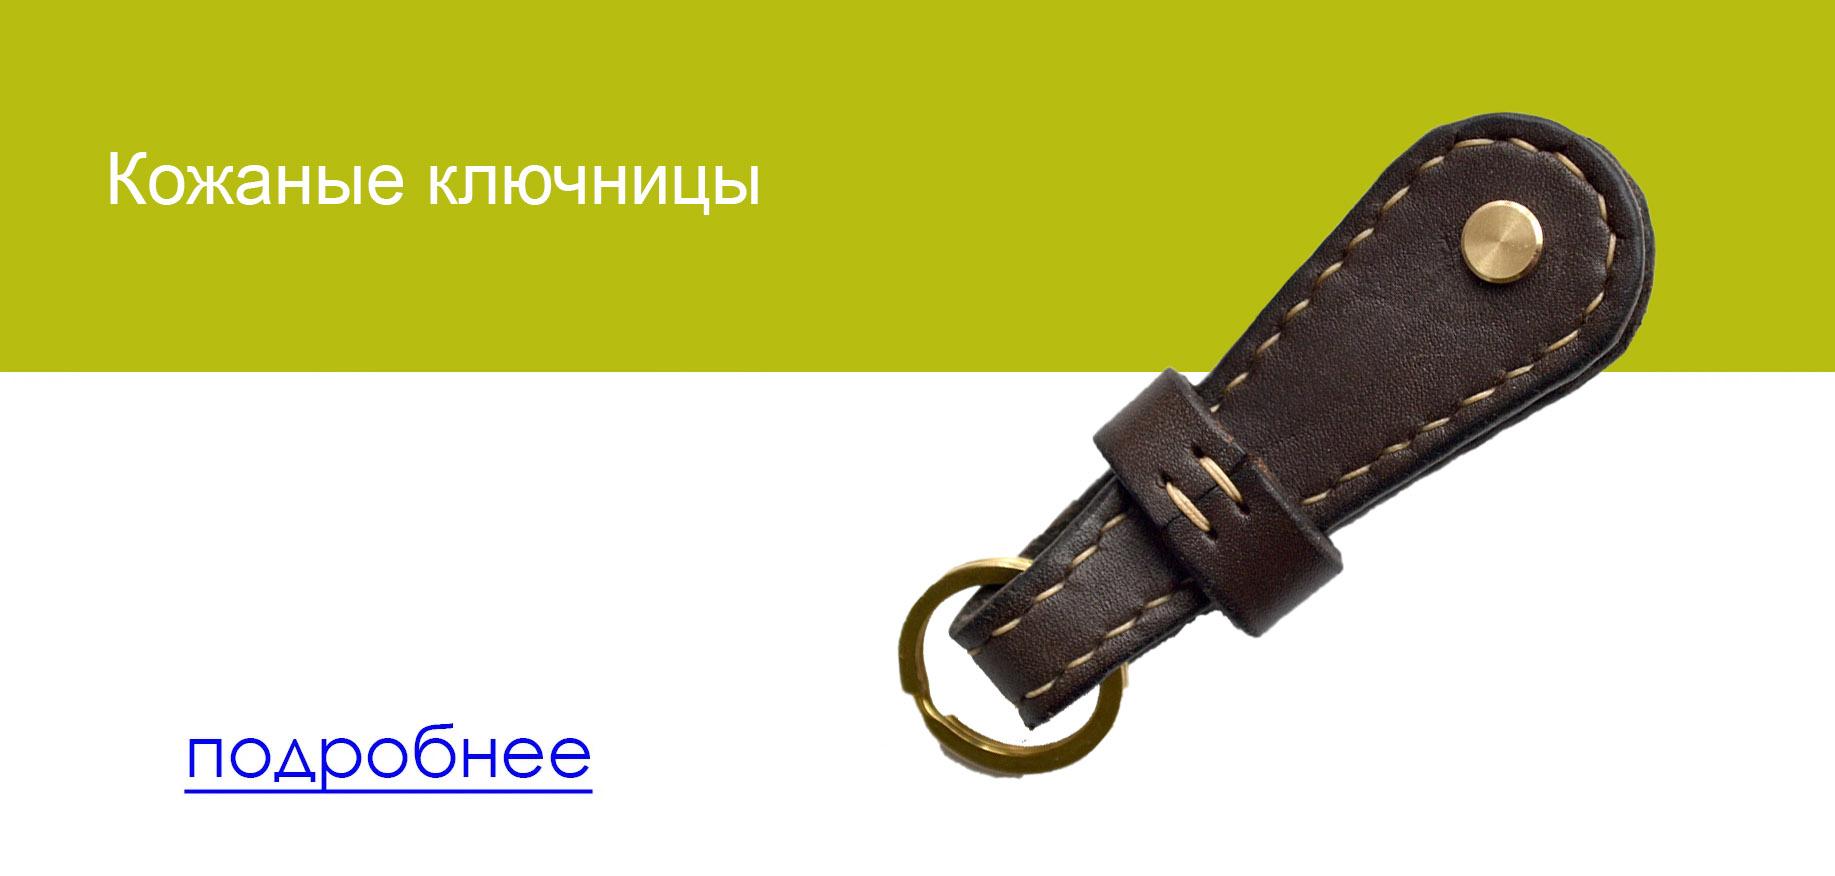 Ключницы из кожи